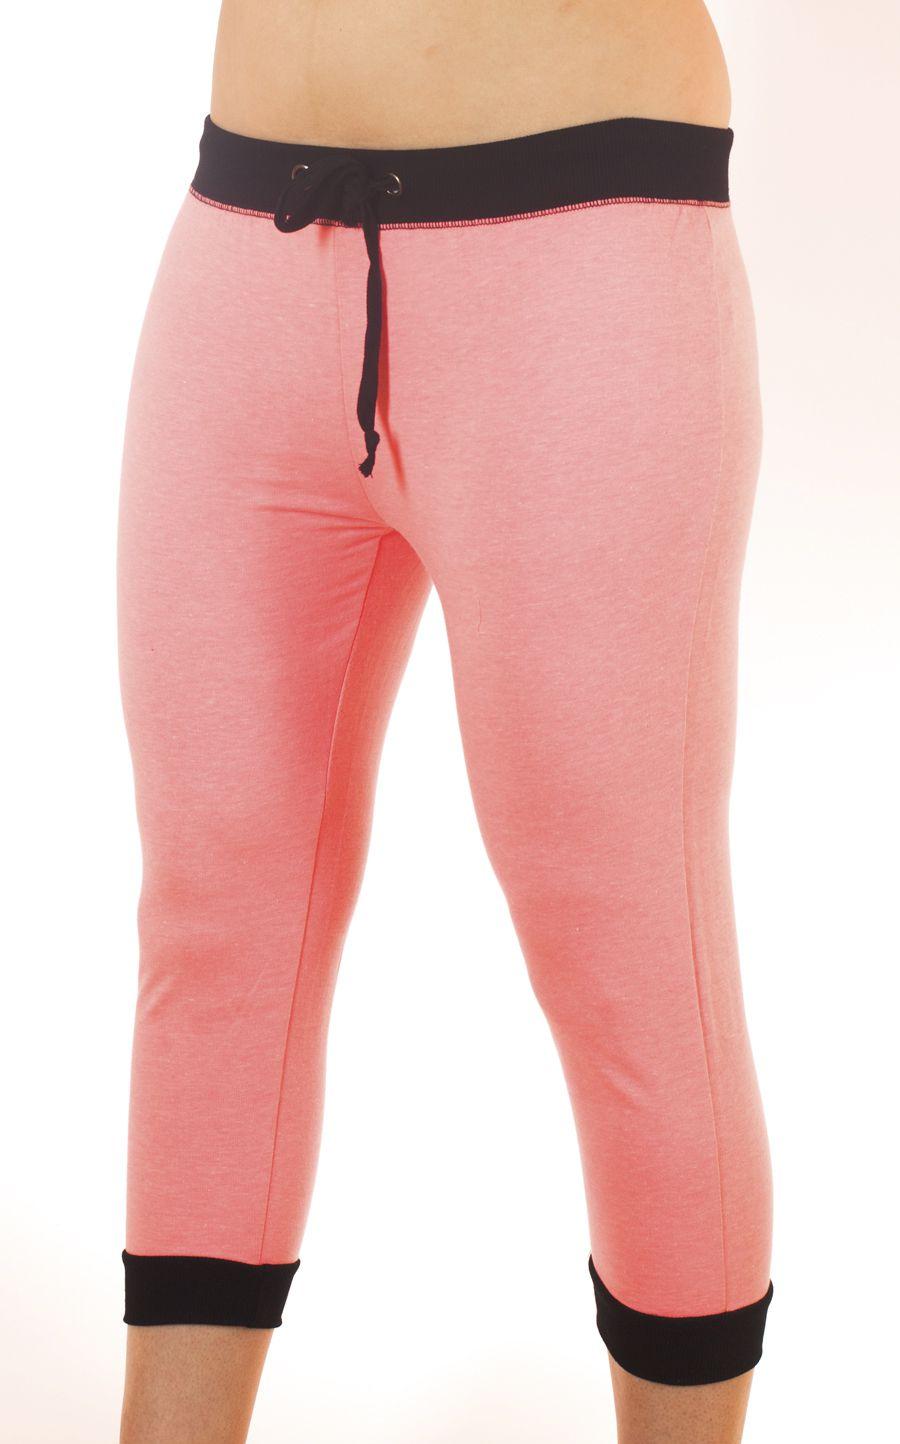 Легкие женские брюки капри для спорта Coco Limon - вид спереди